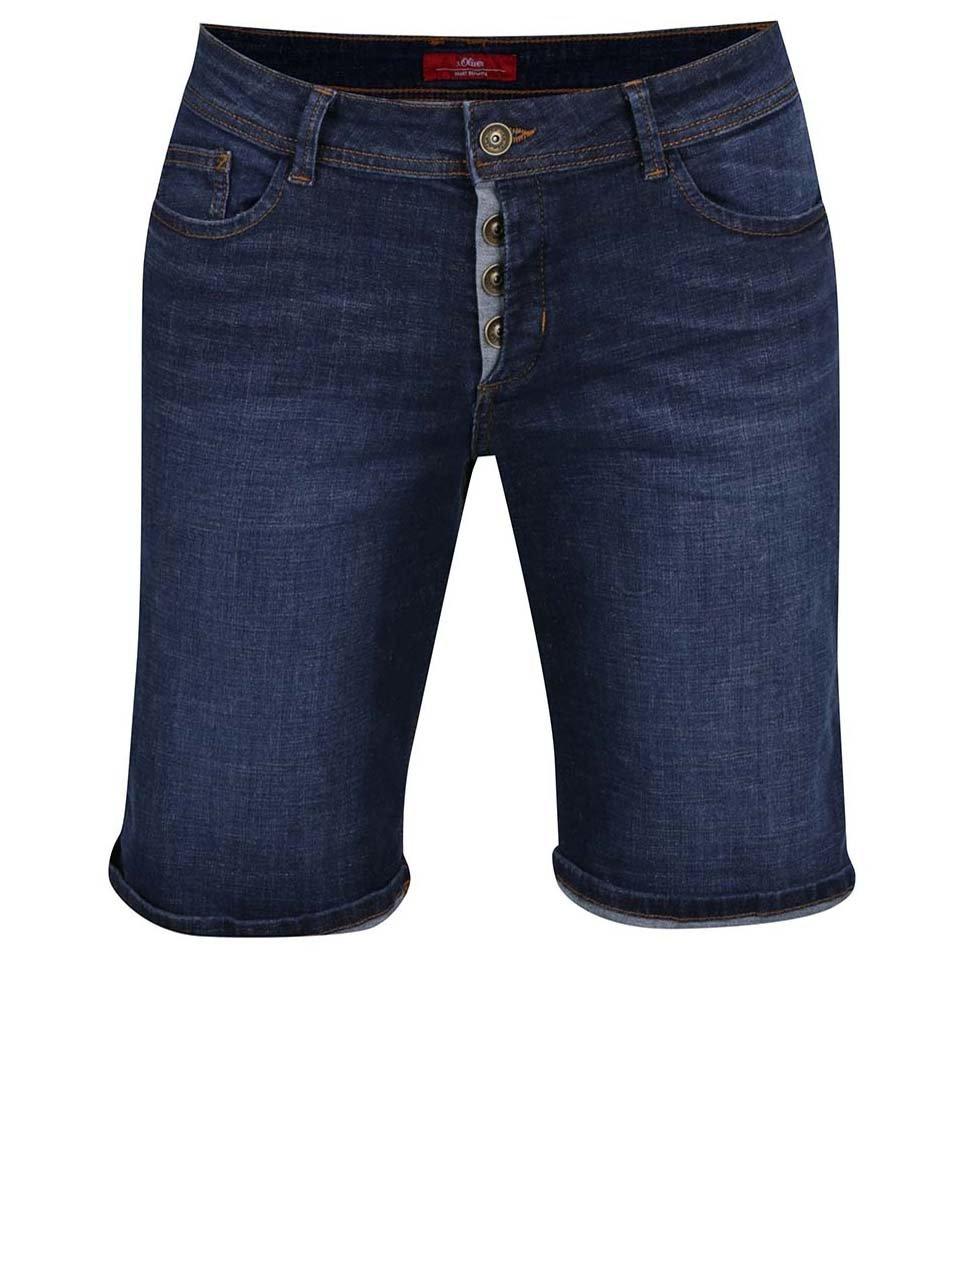 Tmavě modré dámské džínové kraťasy s.Oliver